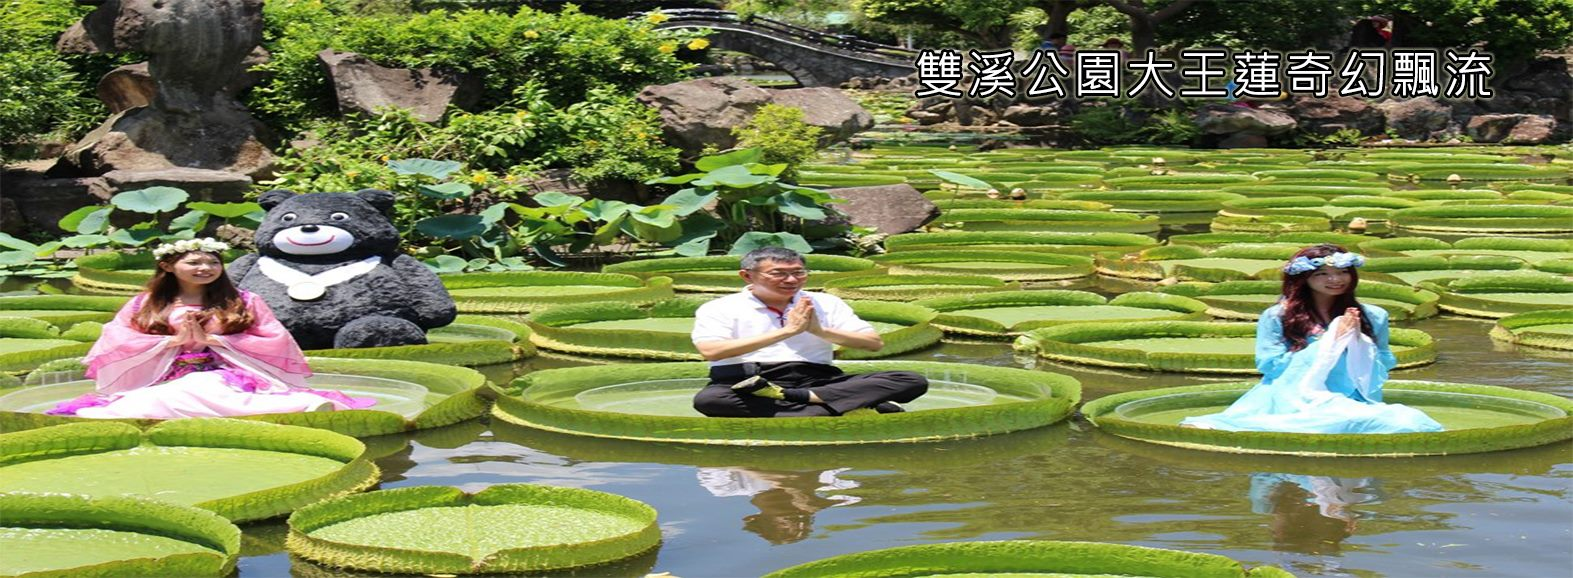 雙溪公園大王蓮奇幻飄流